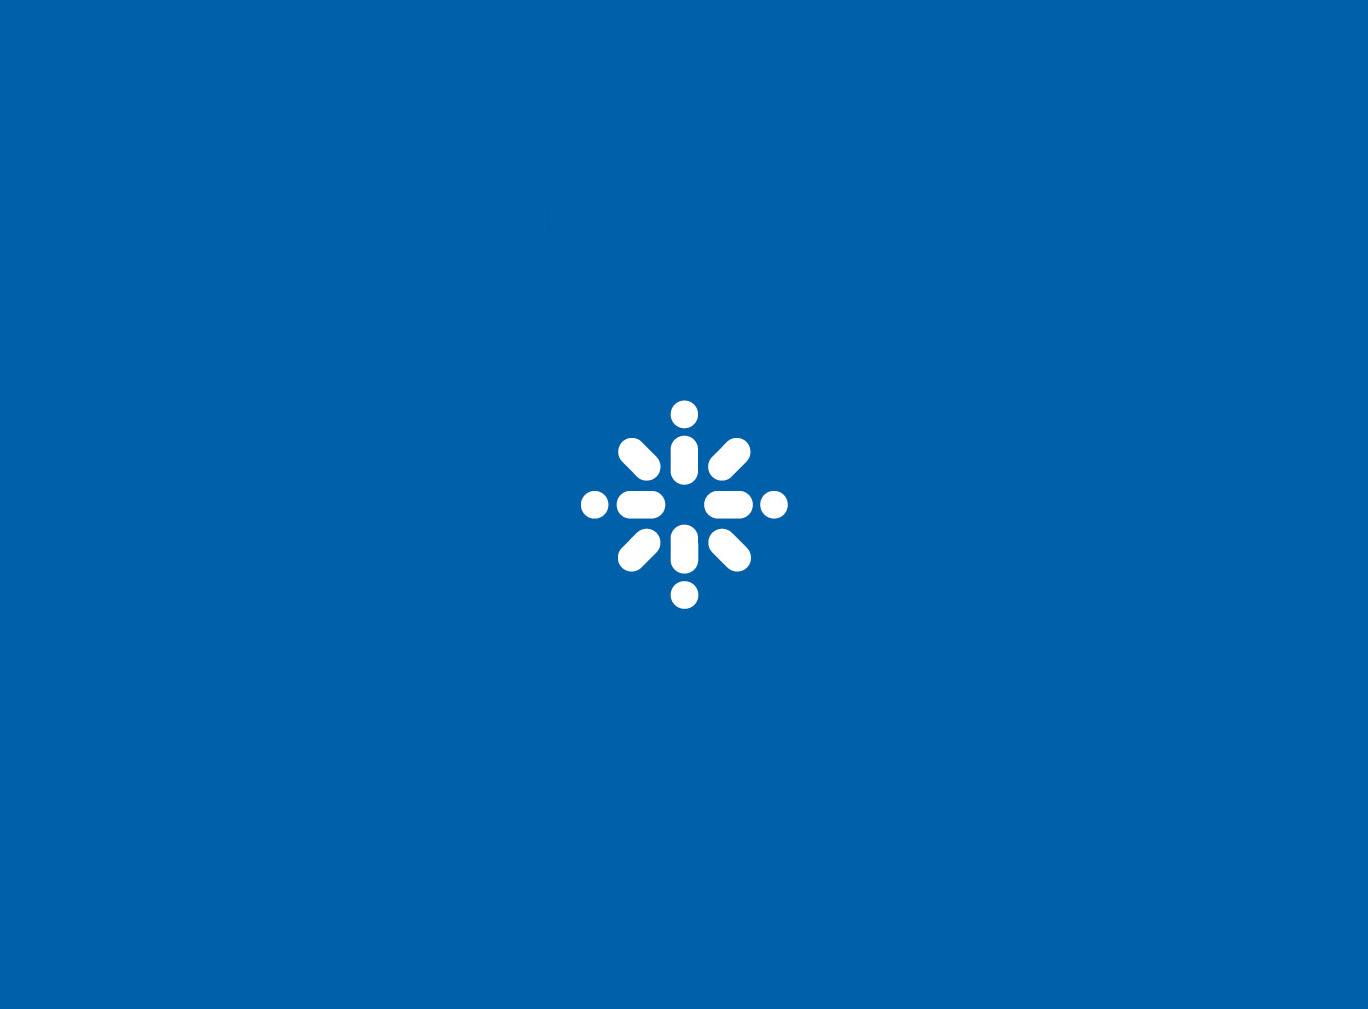 Logos_0009_Layer 13.jpg